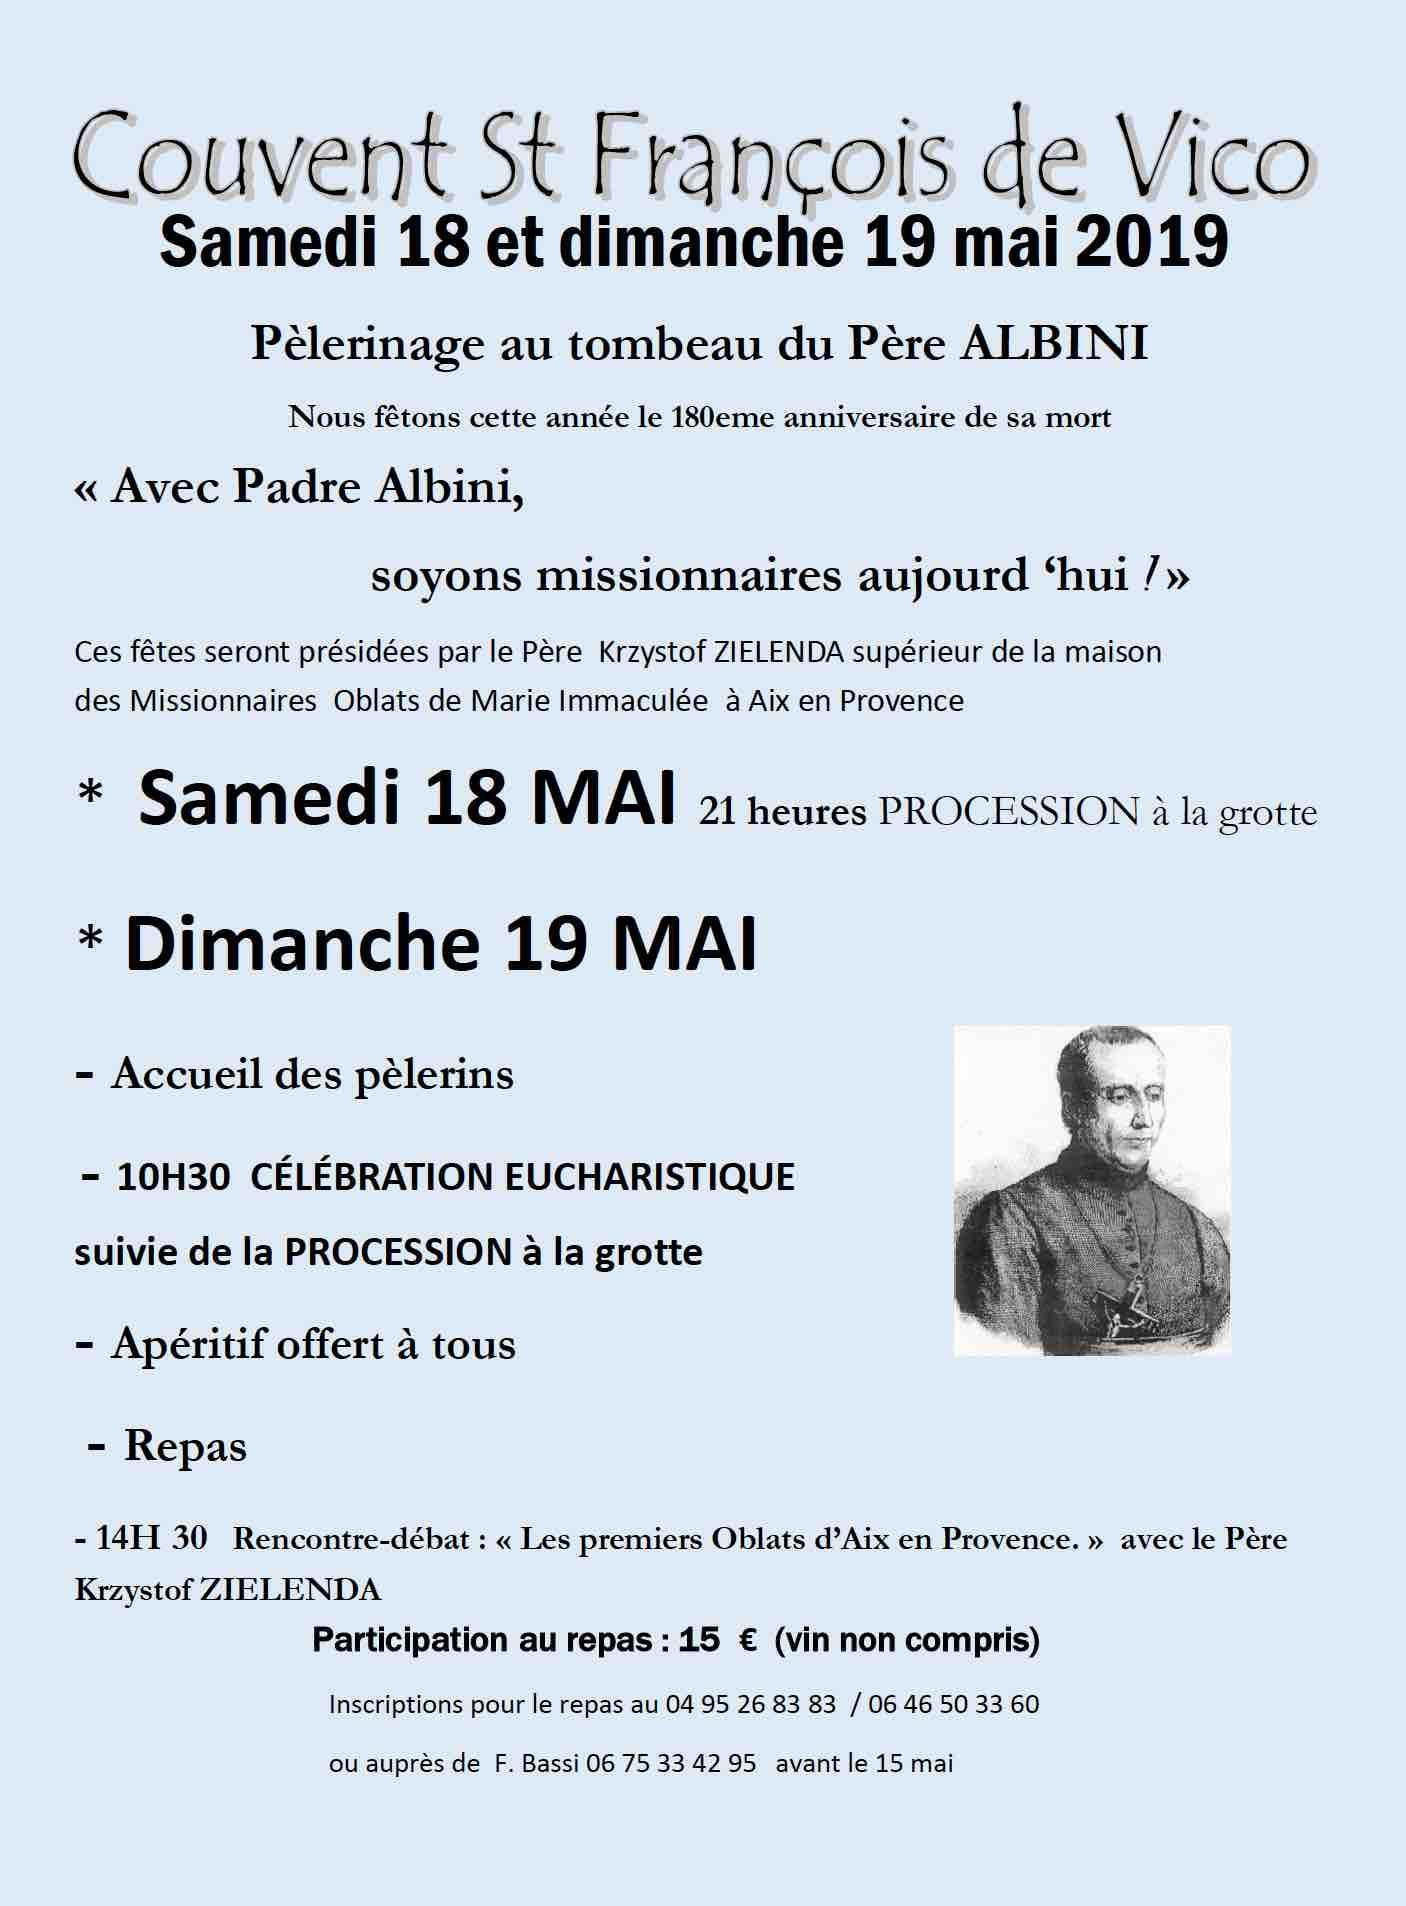 Vico : un pèlerinage au tombeau du père Albini ce 19 mai